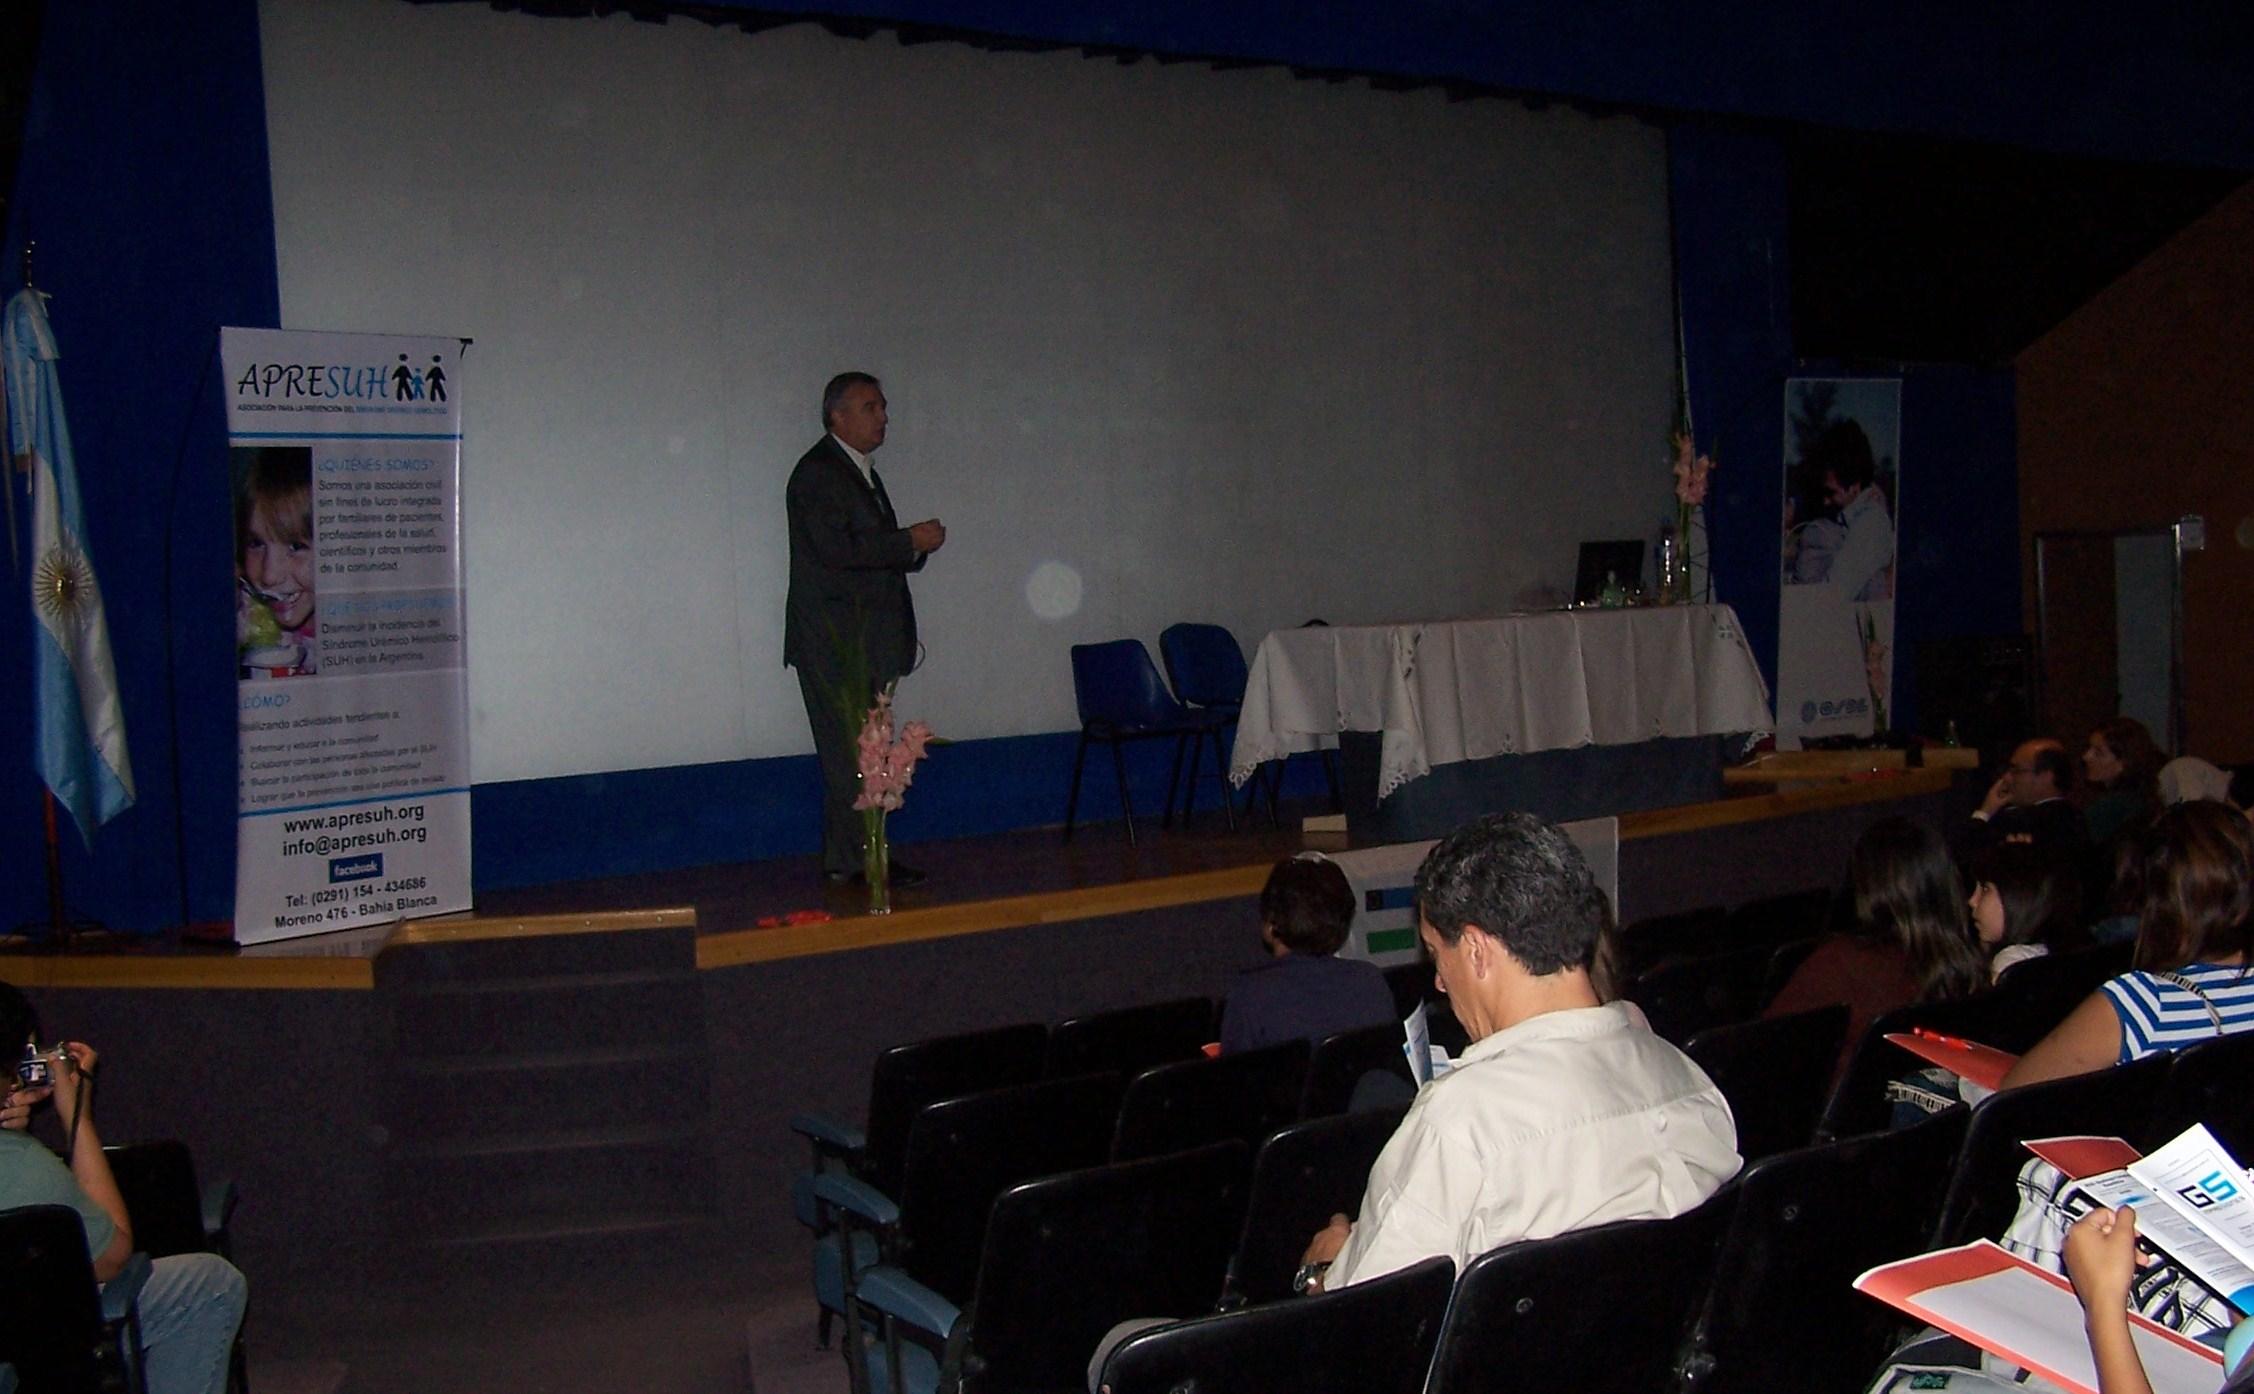 Miguel Ángel Caracciolo (Presidente de APRESUH), disertando en Viedma (Pcia. de Río Negro)